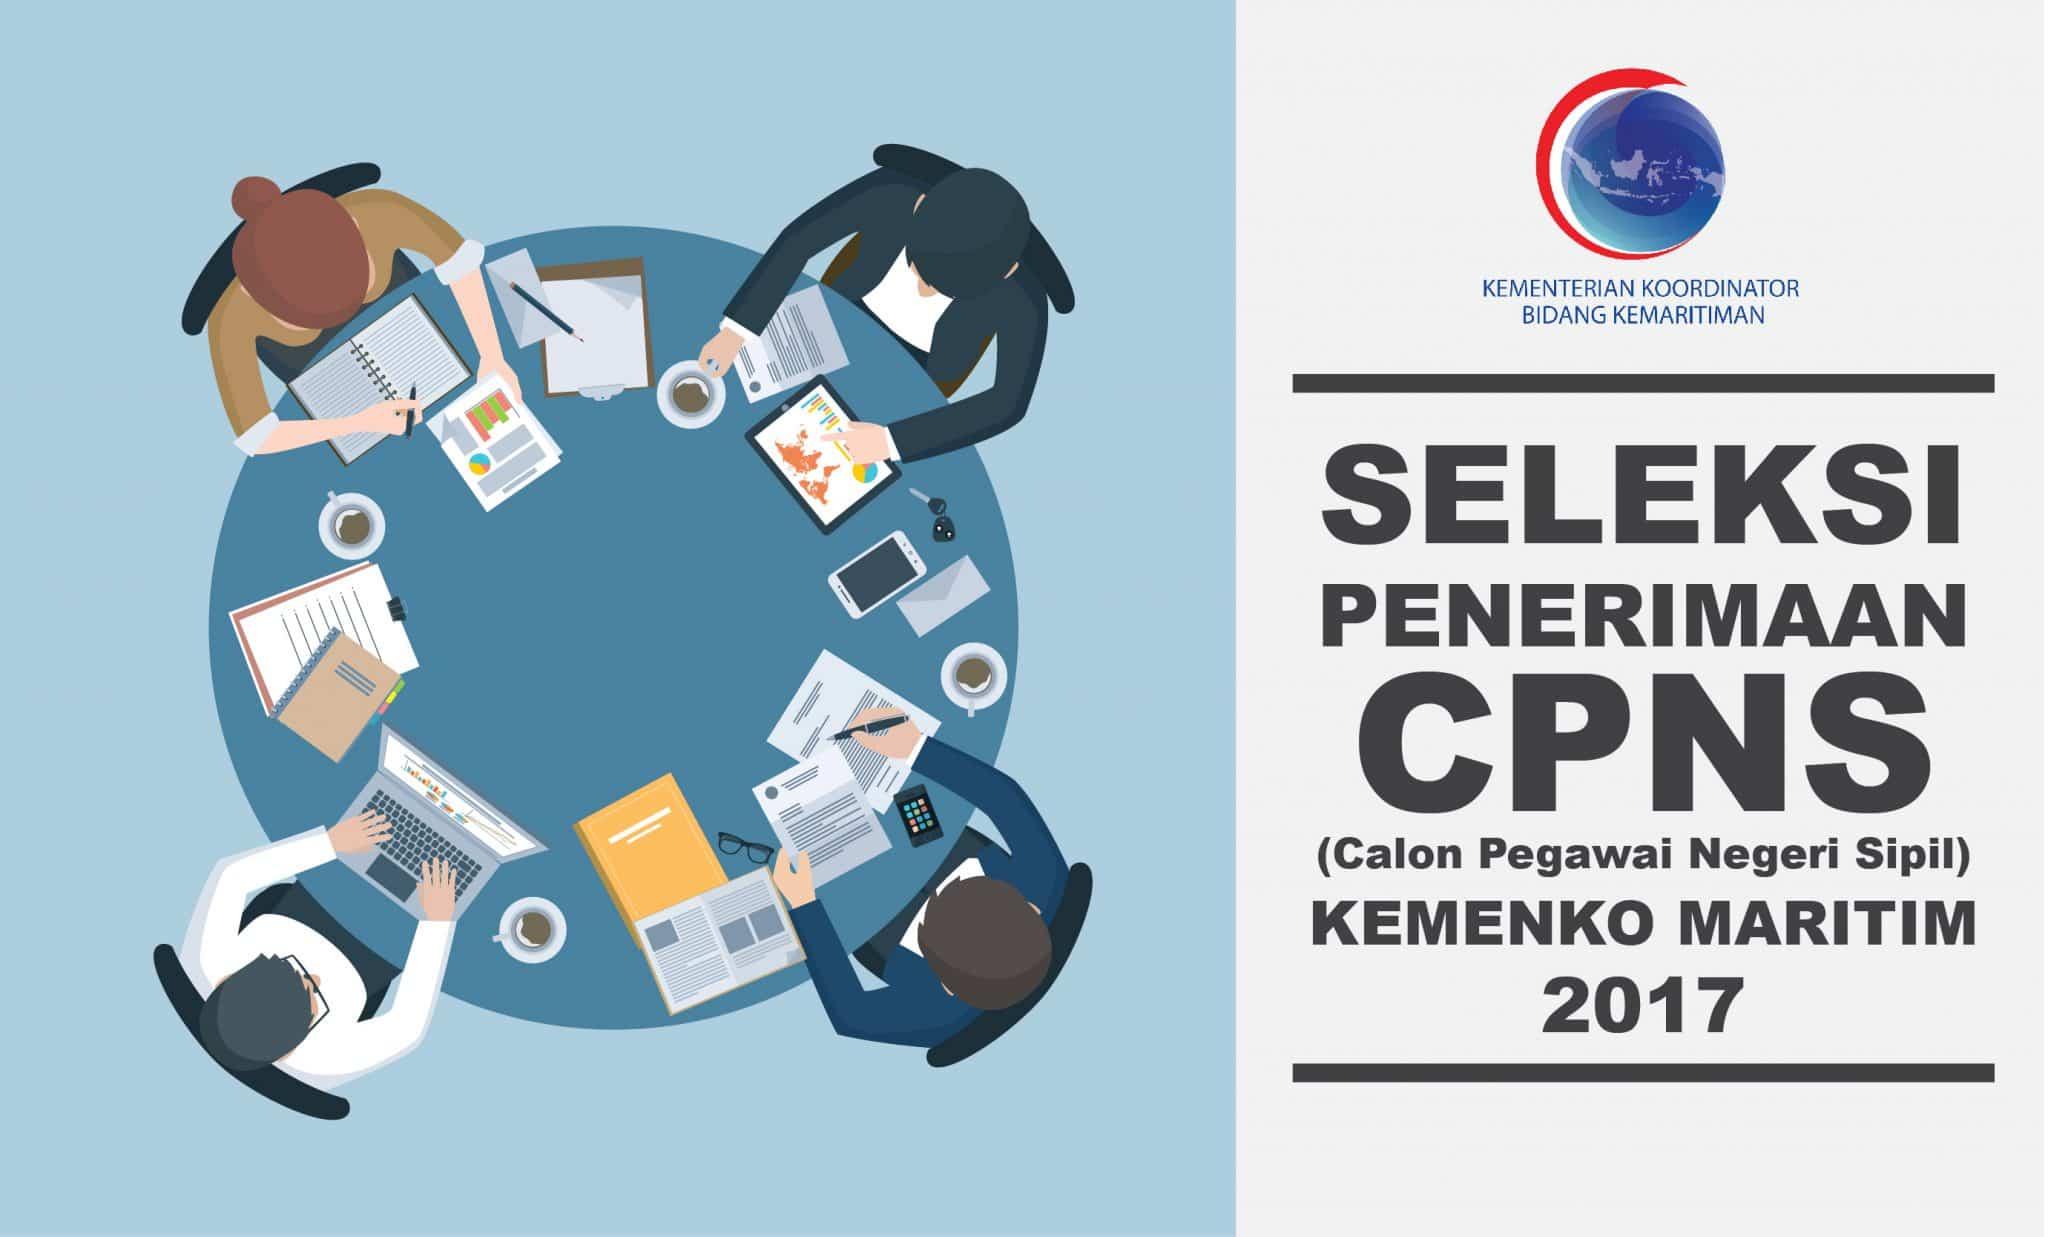 Seleksi_Administrasi_CPNS-Kemenkomar-01